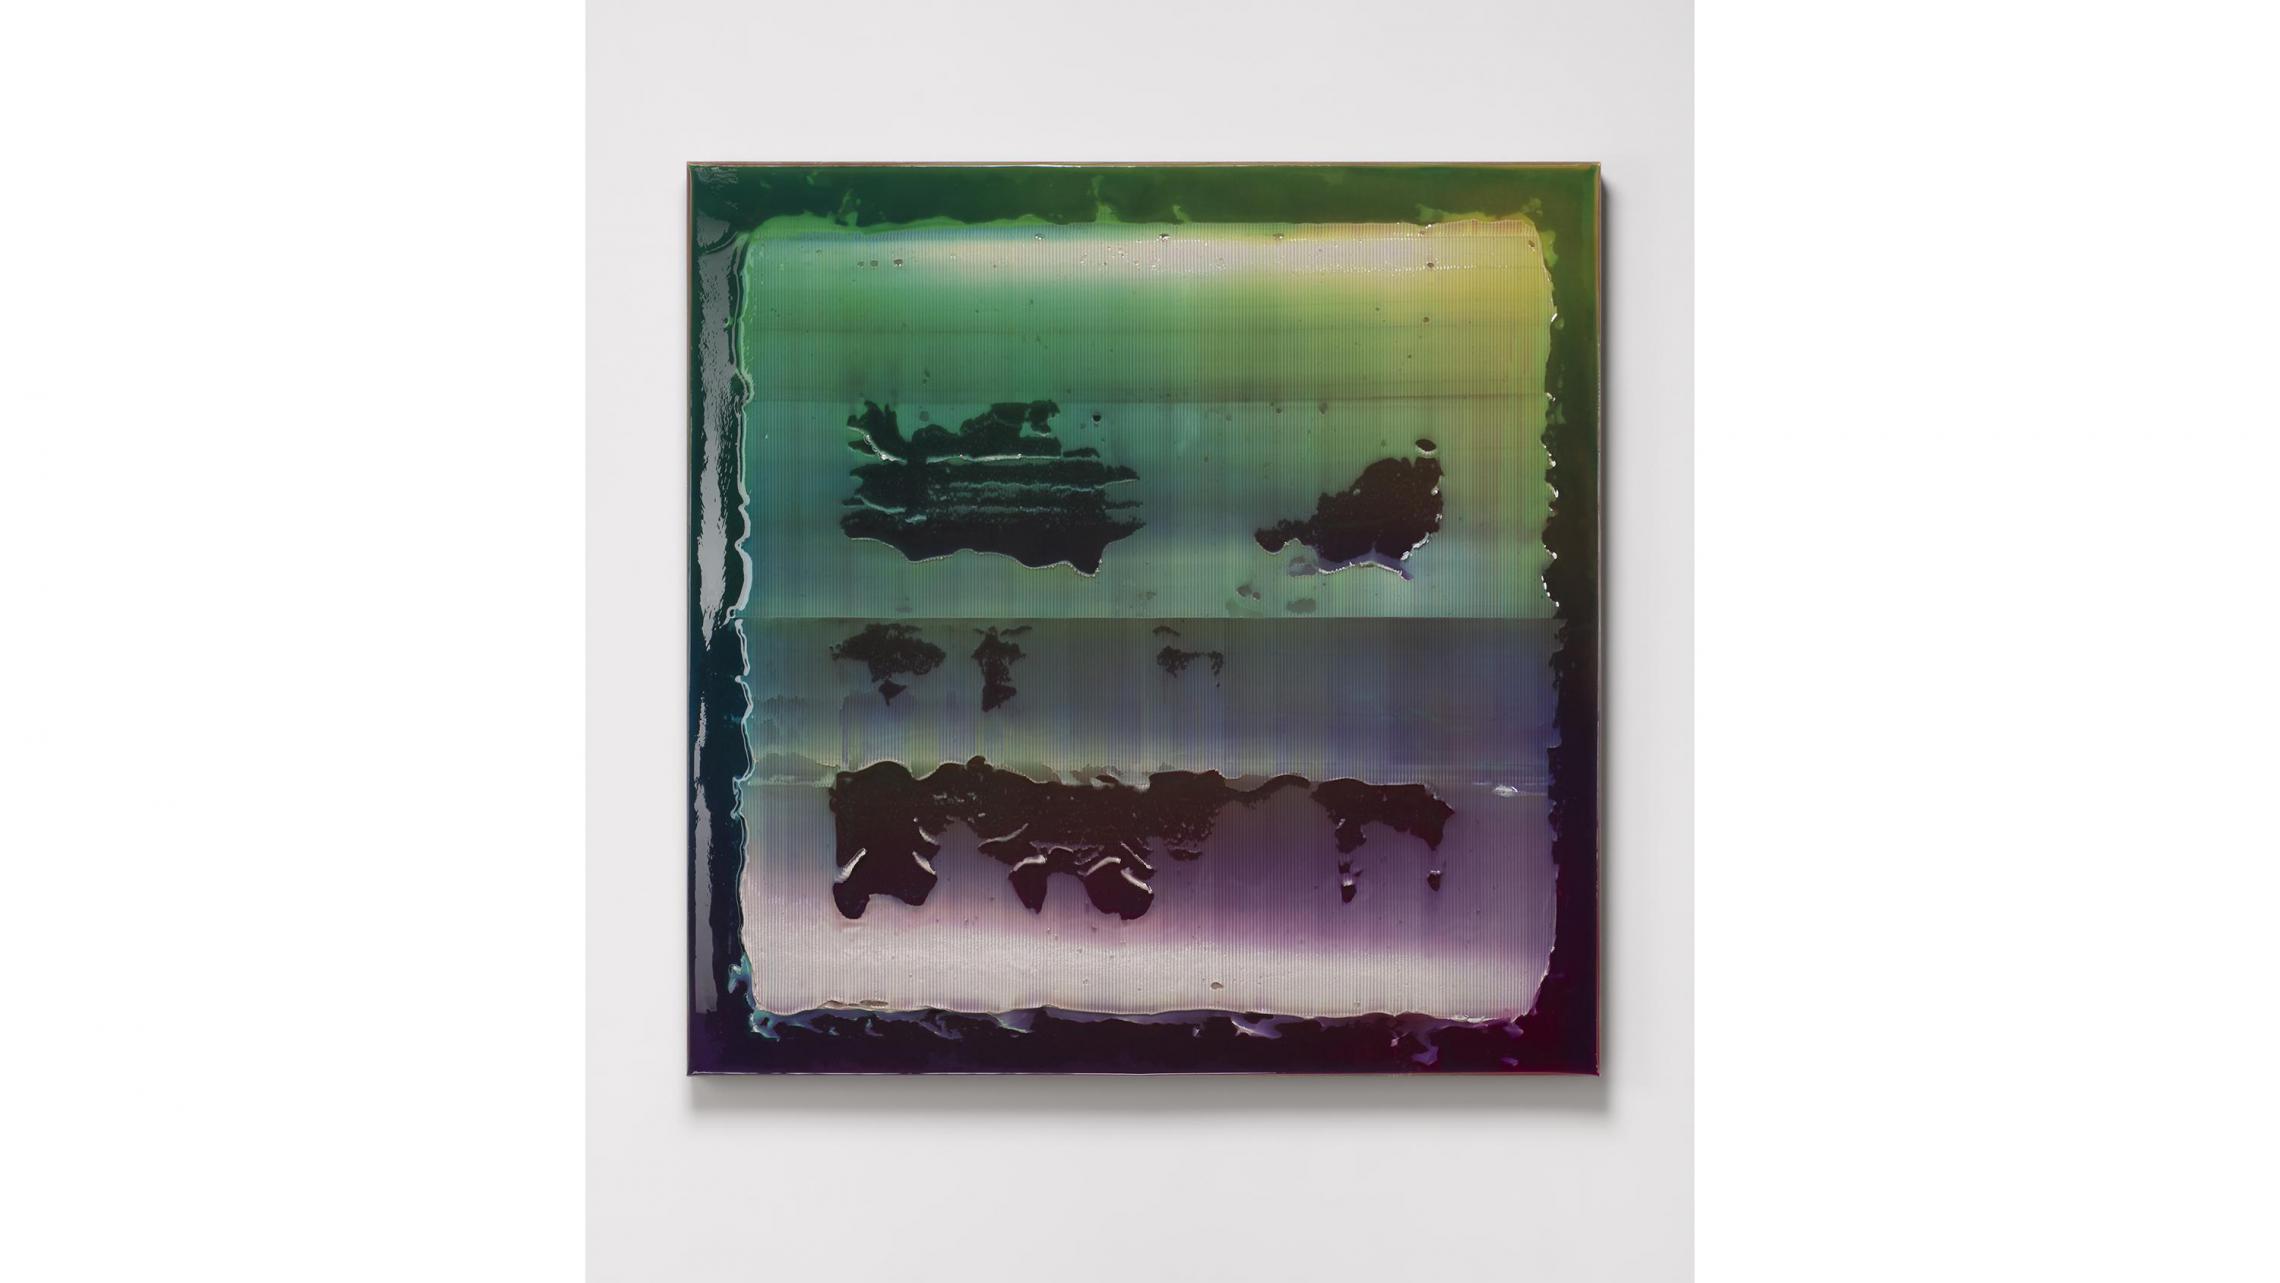 大庭大介《UNTITLED》2019、150×150×6cm、アクリル、麻布、パネル